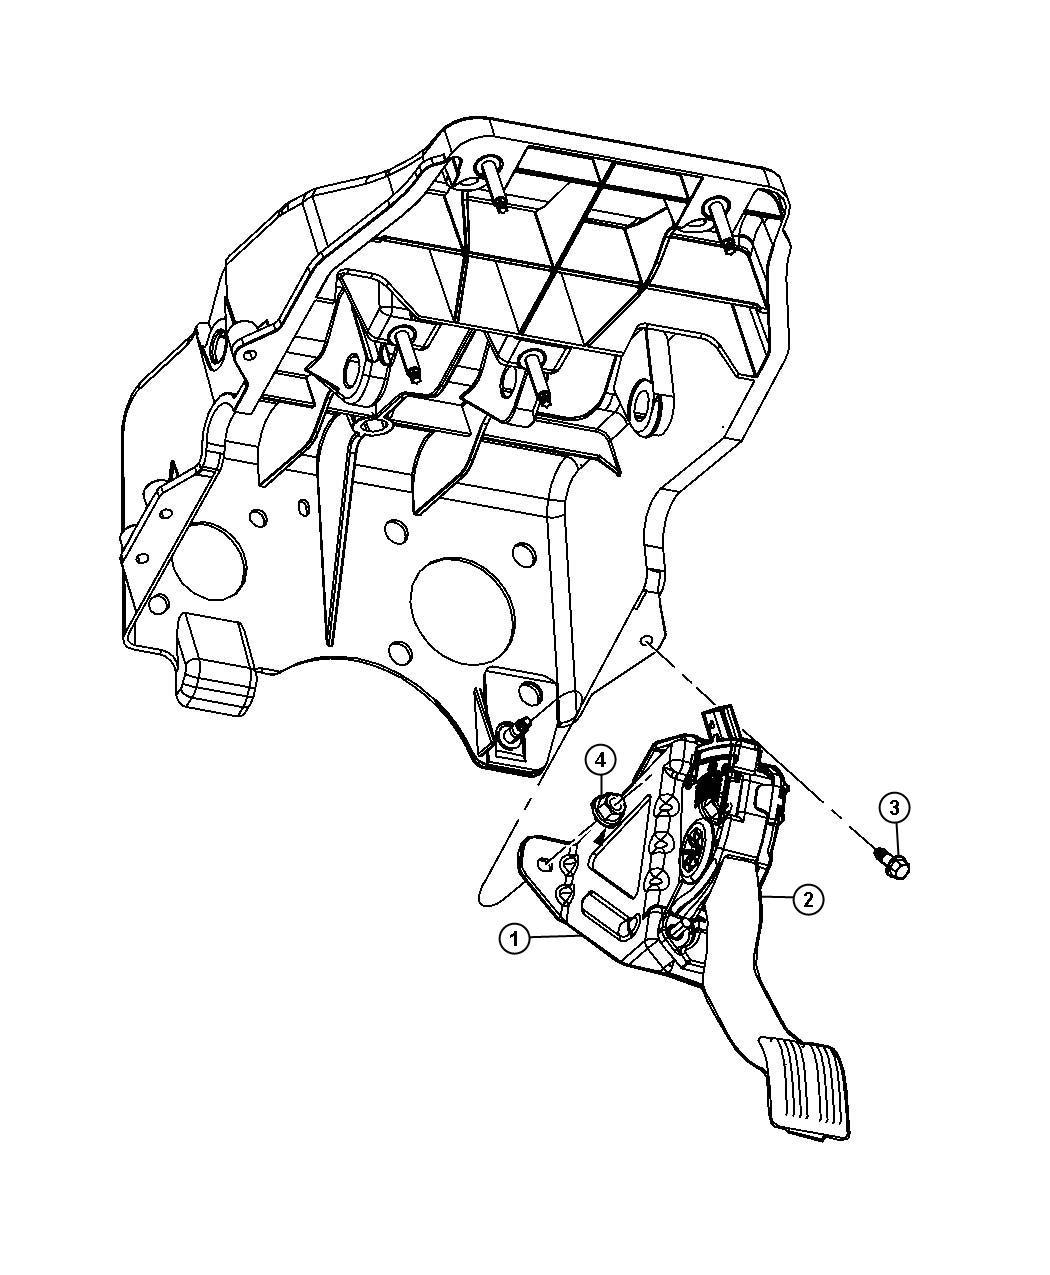 Dodge Ram Pedal Accelerator Apps Sensor Service